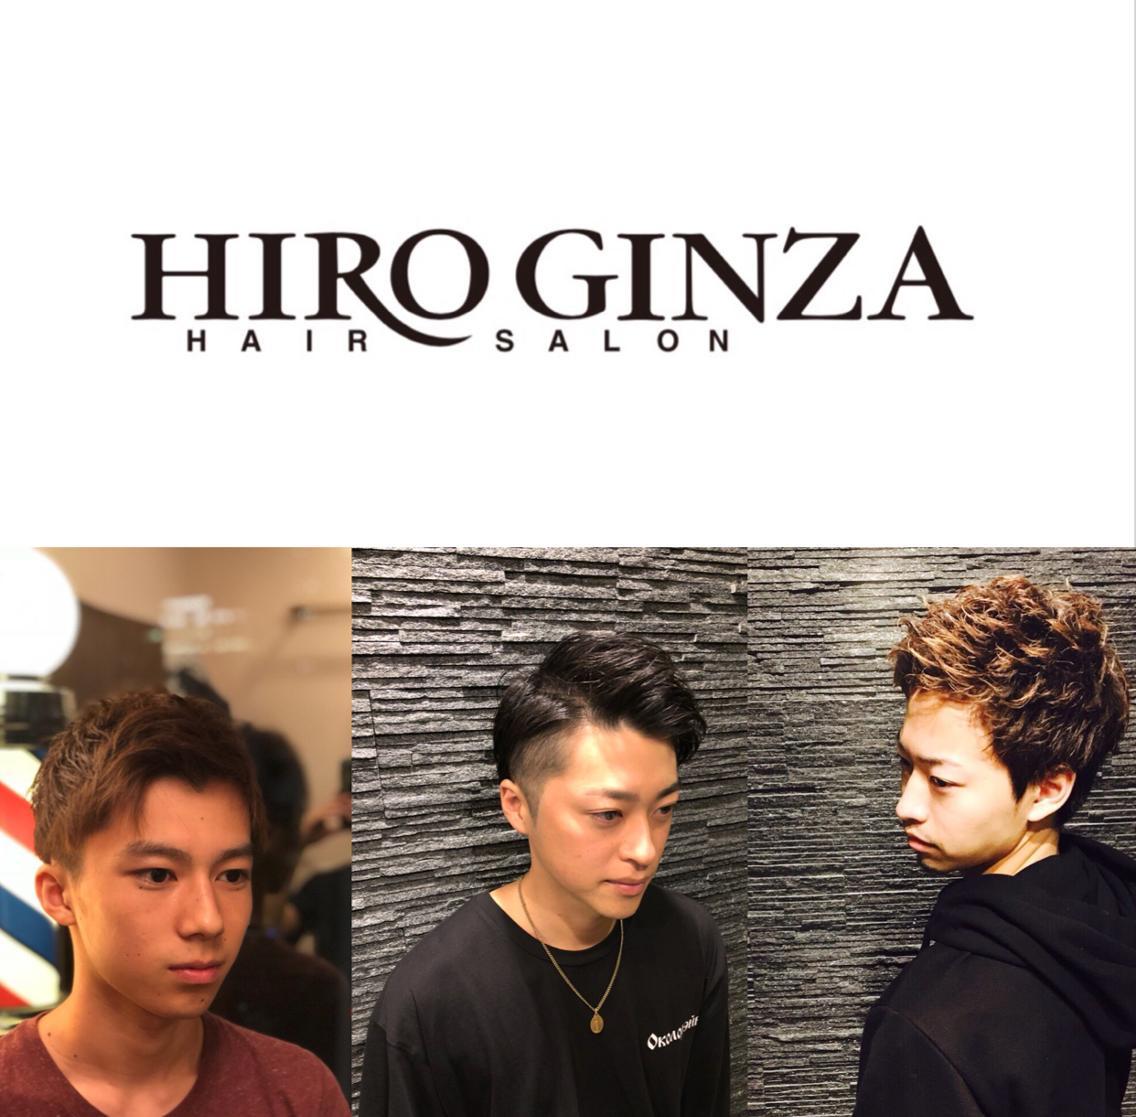 ヒロ銀座Barber shop新宿店所属・マエヤマリュウキの掲載